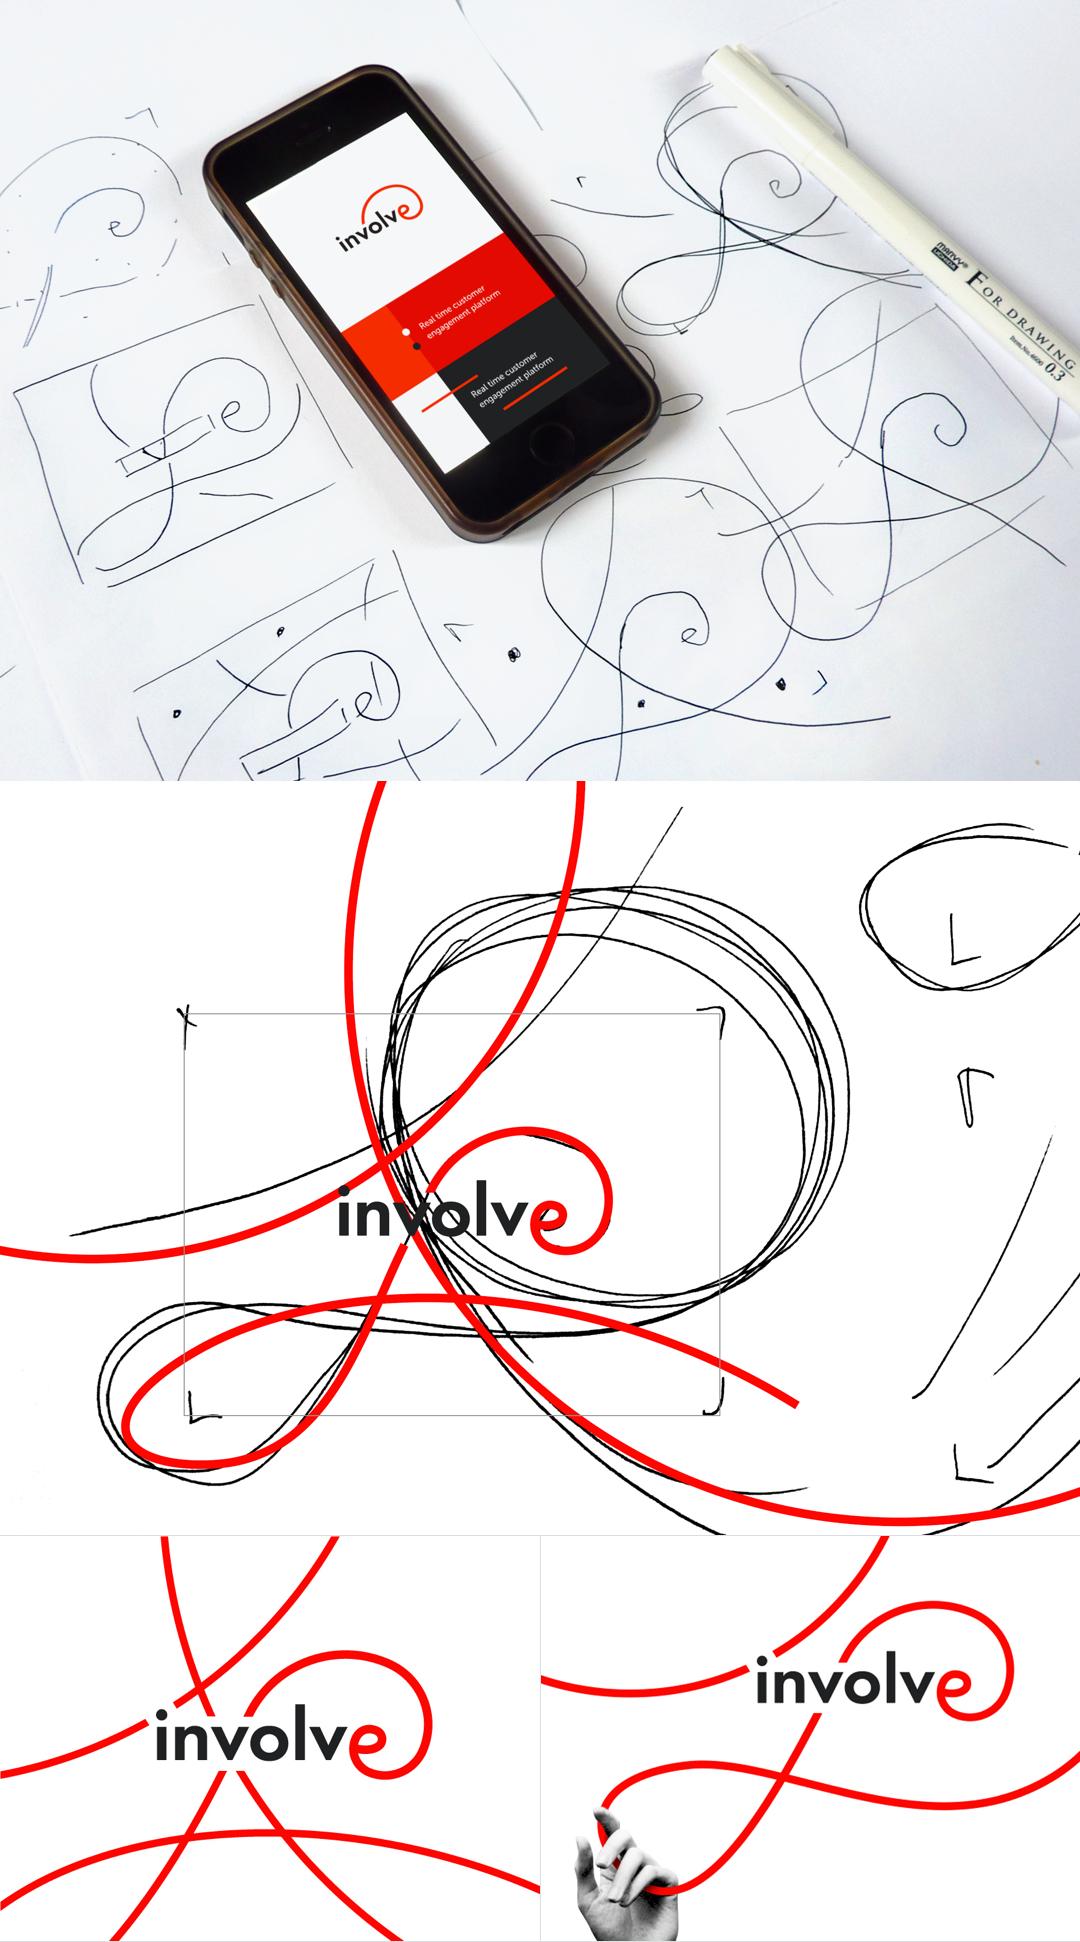 Involve case study   cover wip   nezhynska